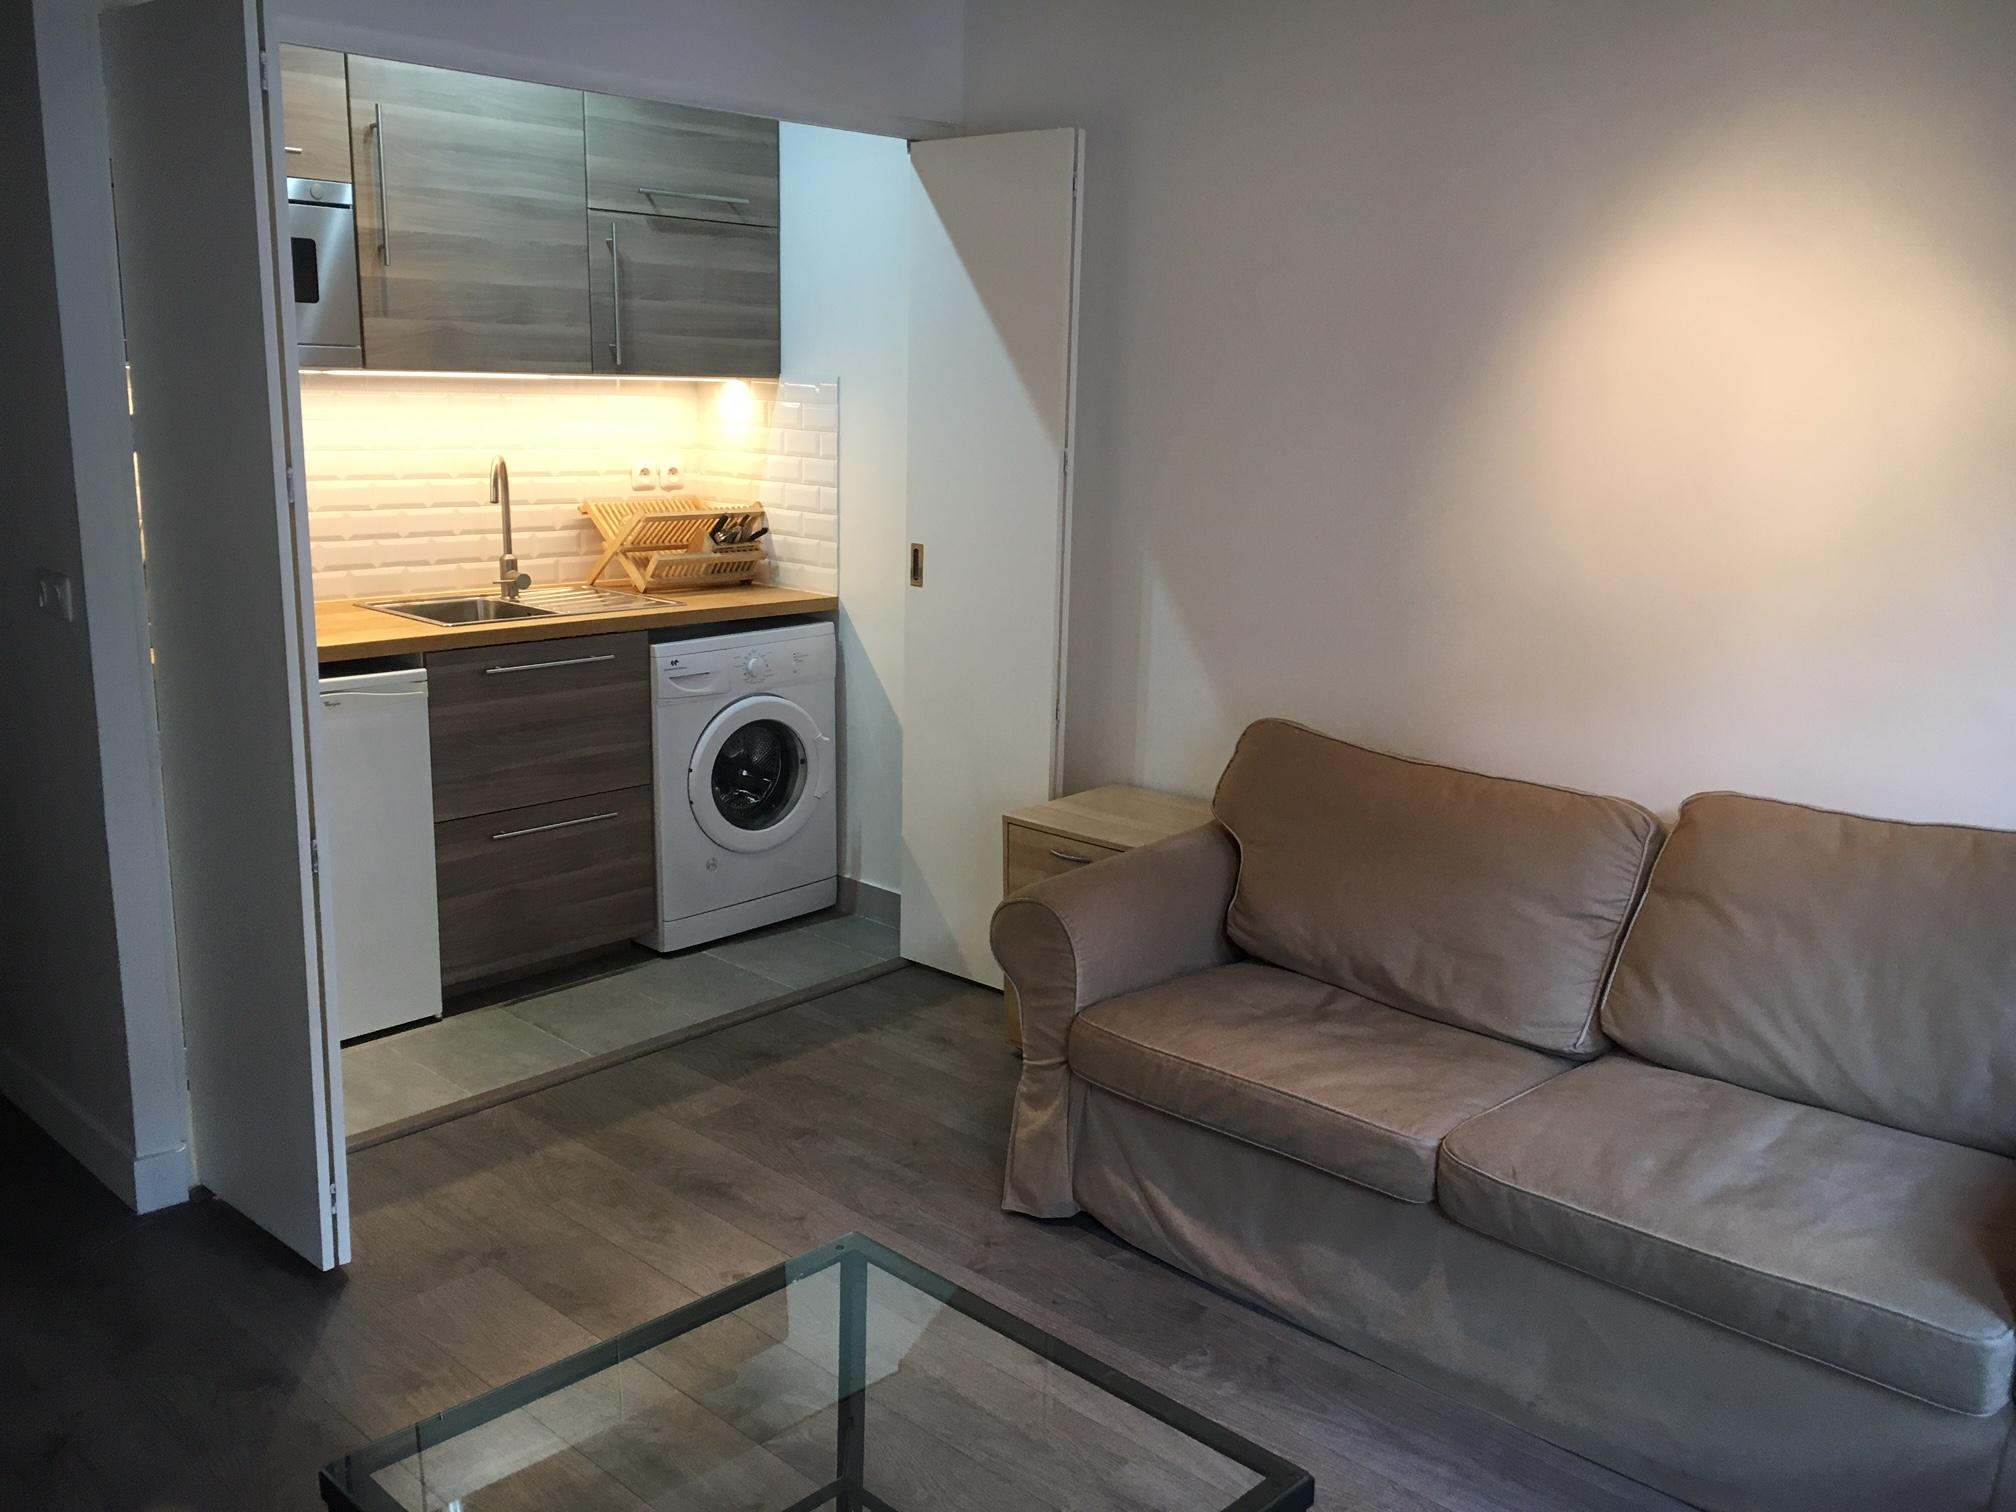 valiere-cortez-location-studio-mouffetard-salon-cuisine